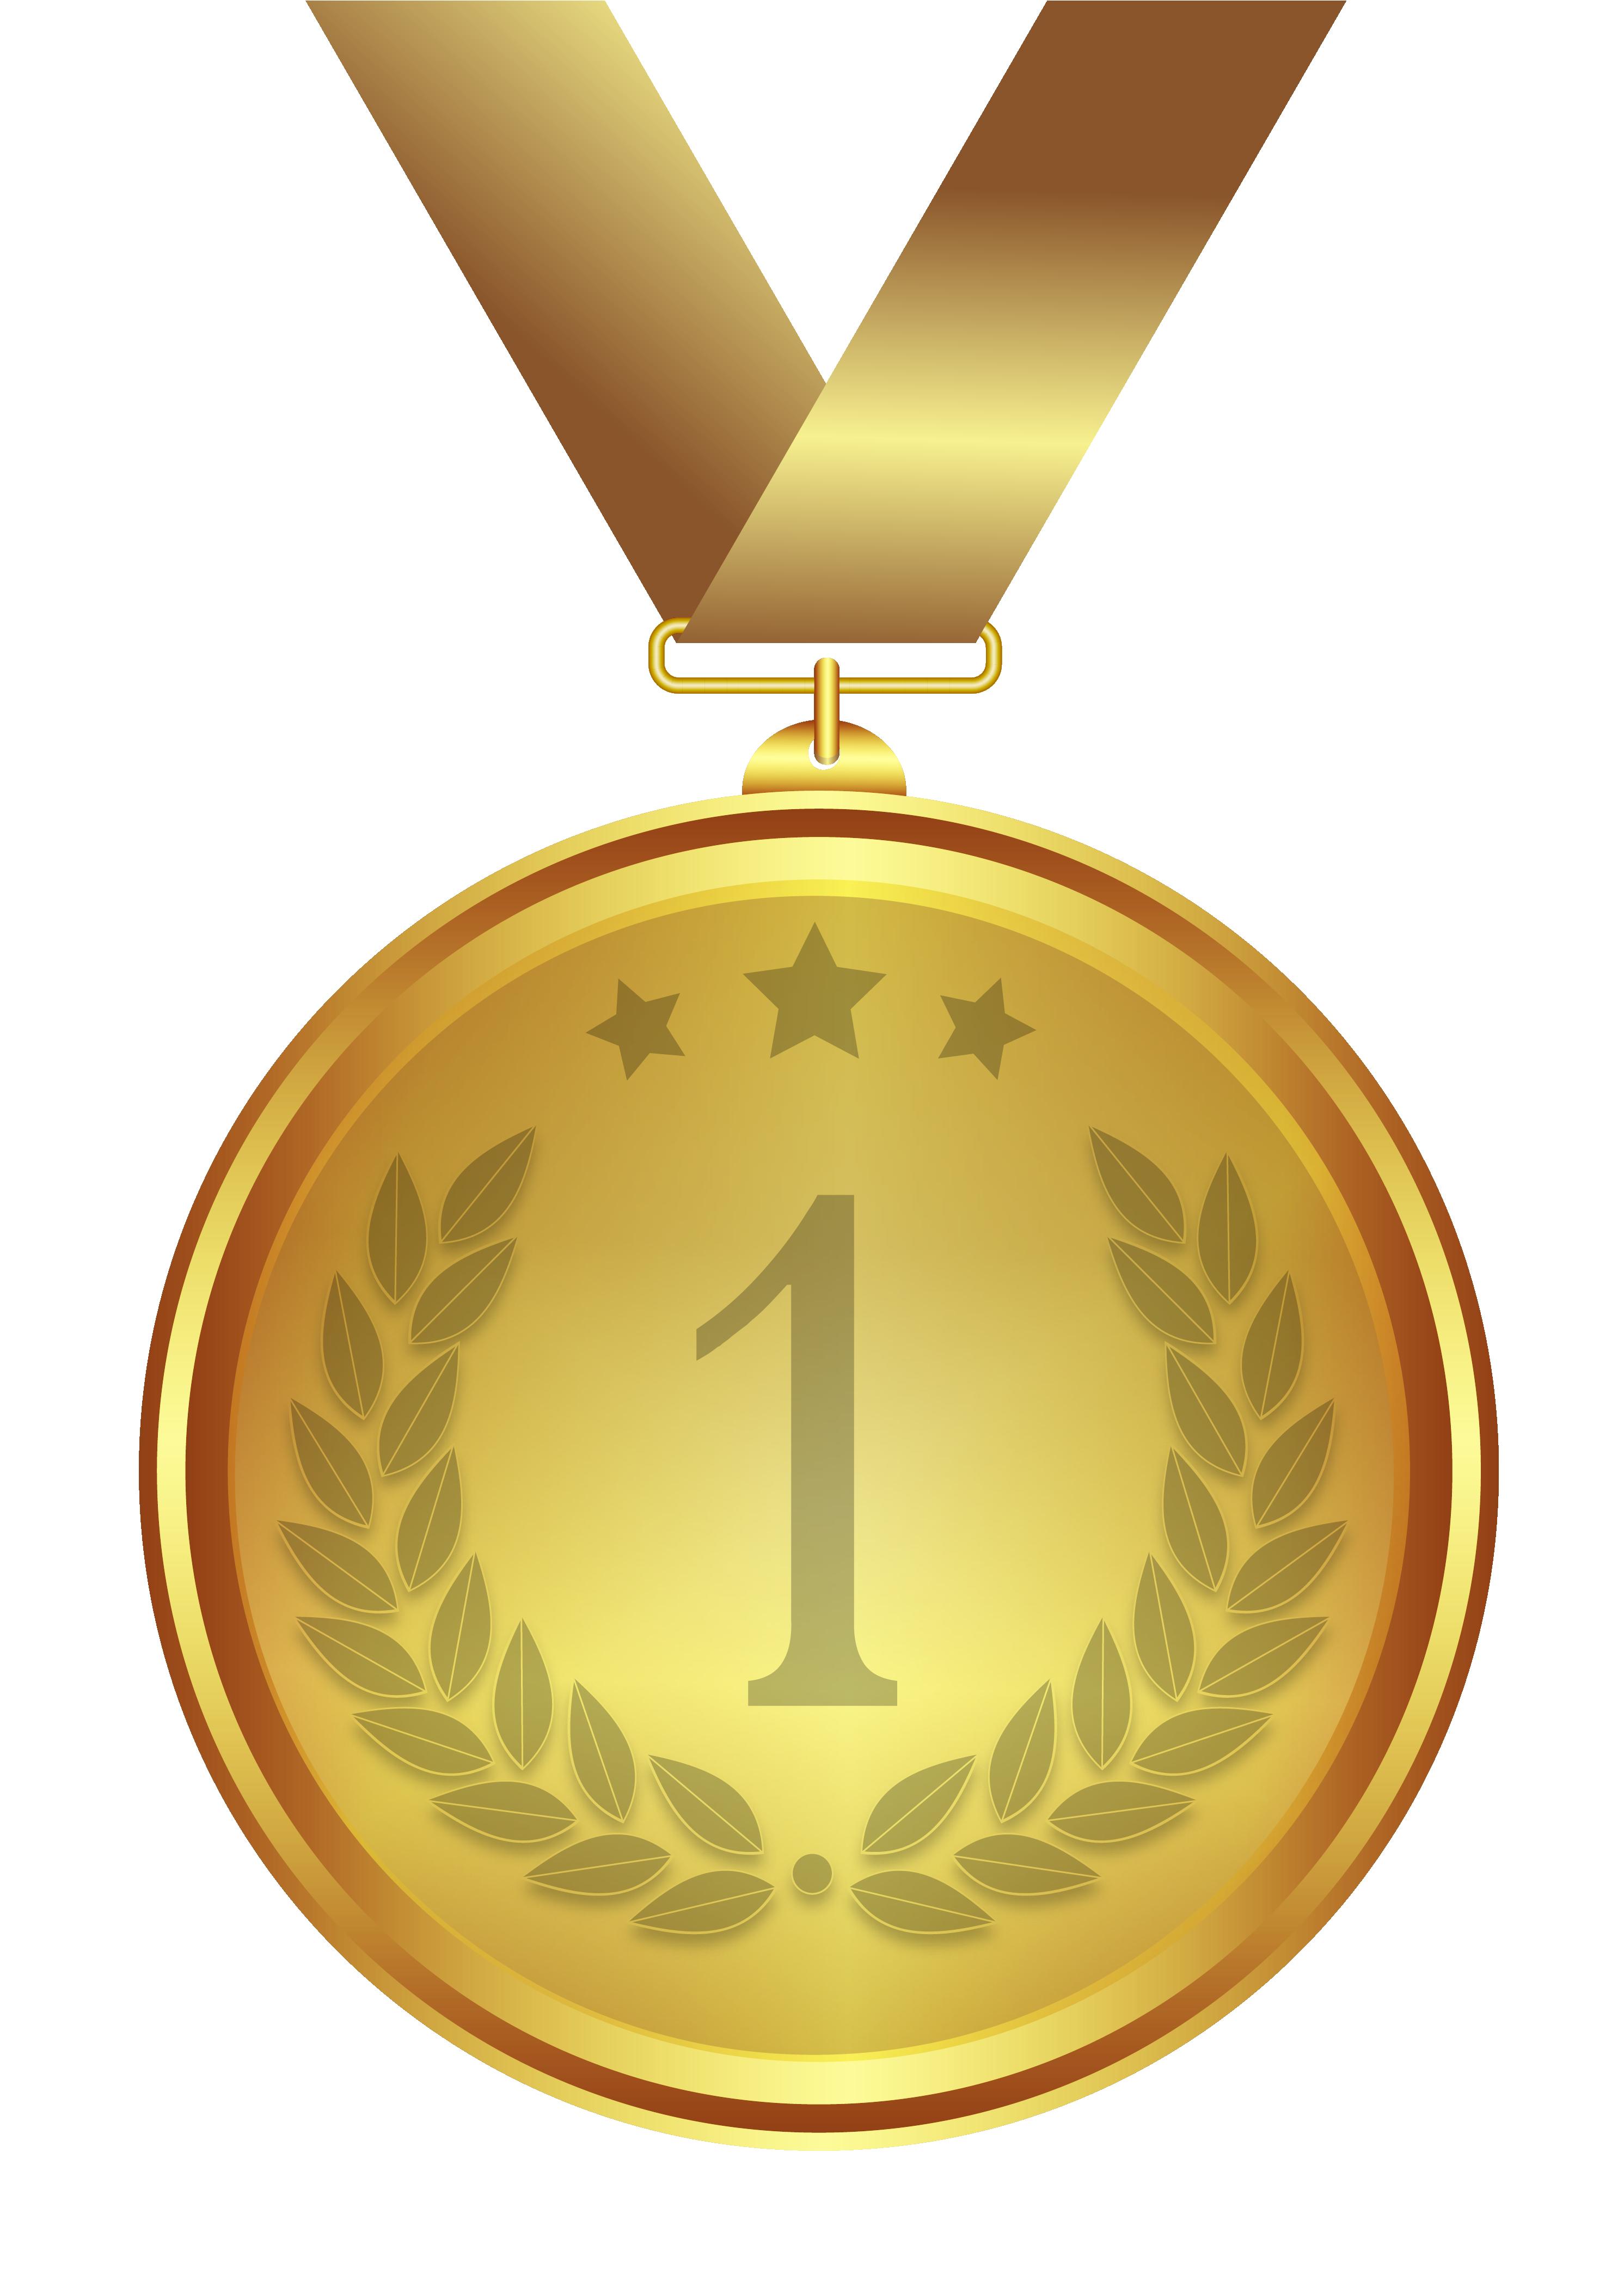 Gold Medal PNG Image.